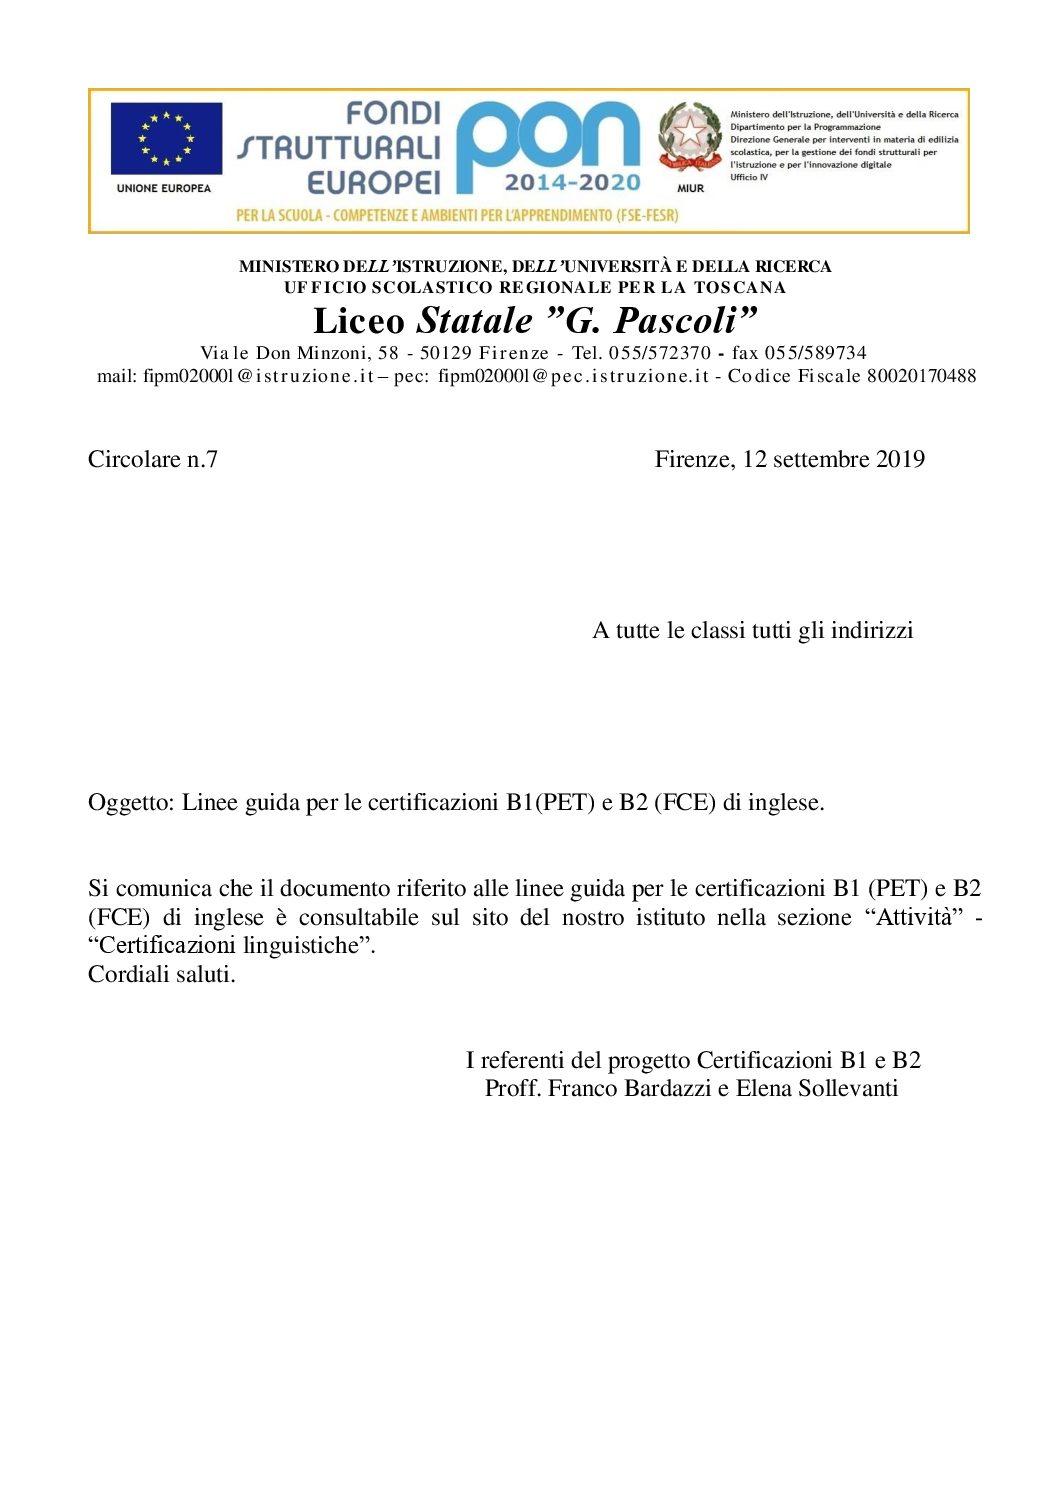 Certificazioni Linguistiche Liceo Statale G Pascoli